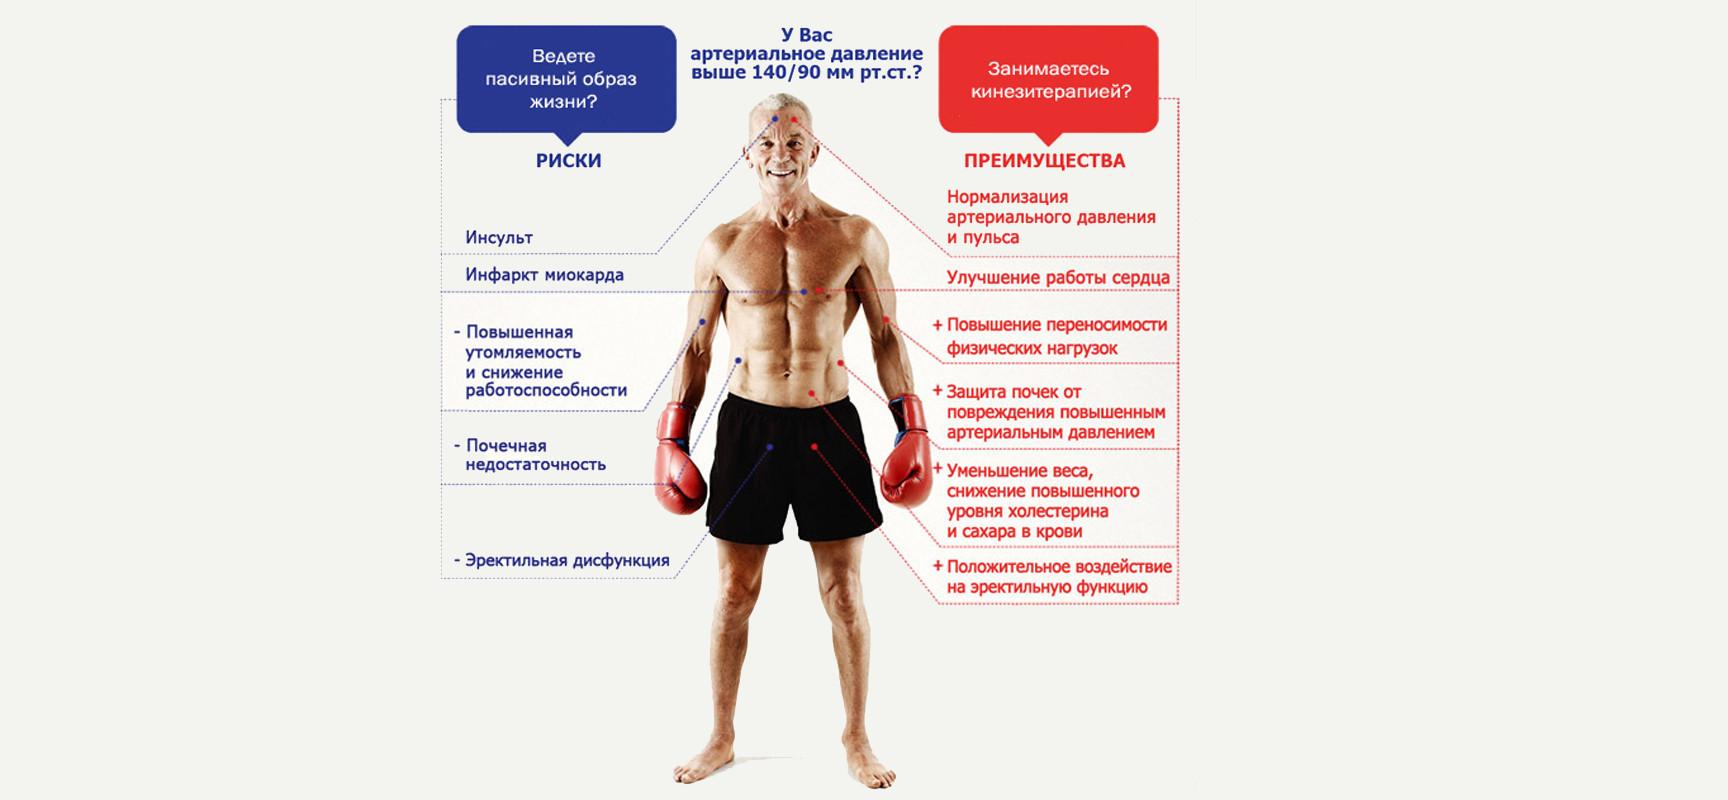 Лечение больных артериальной гипертонией с метаболическим синдромом